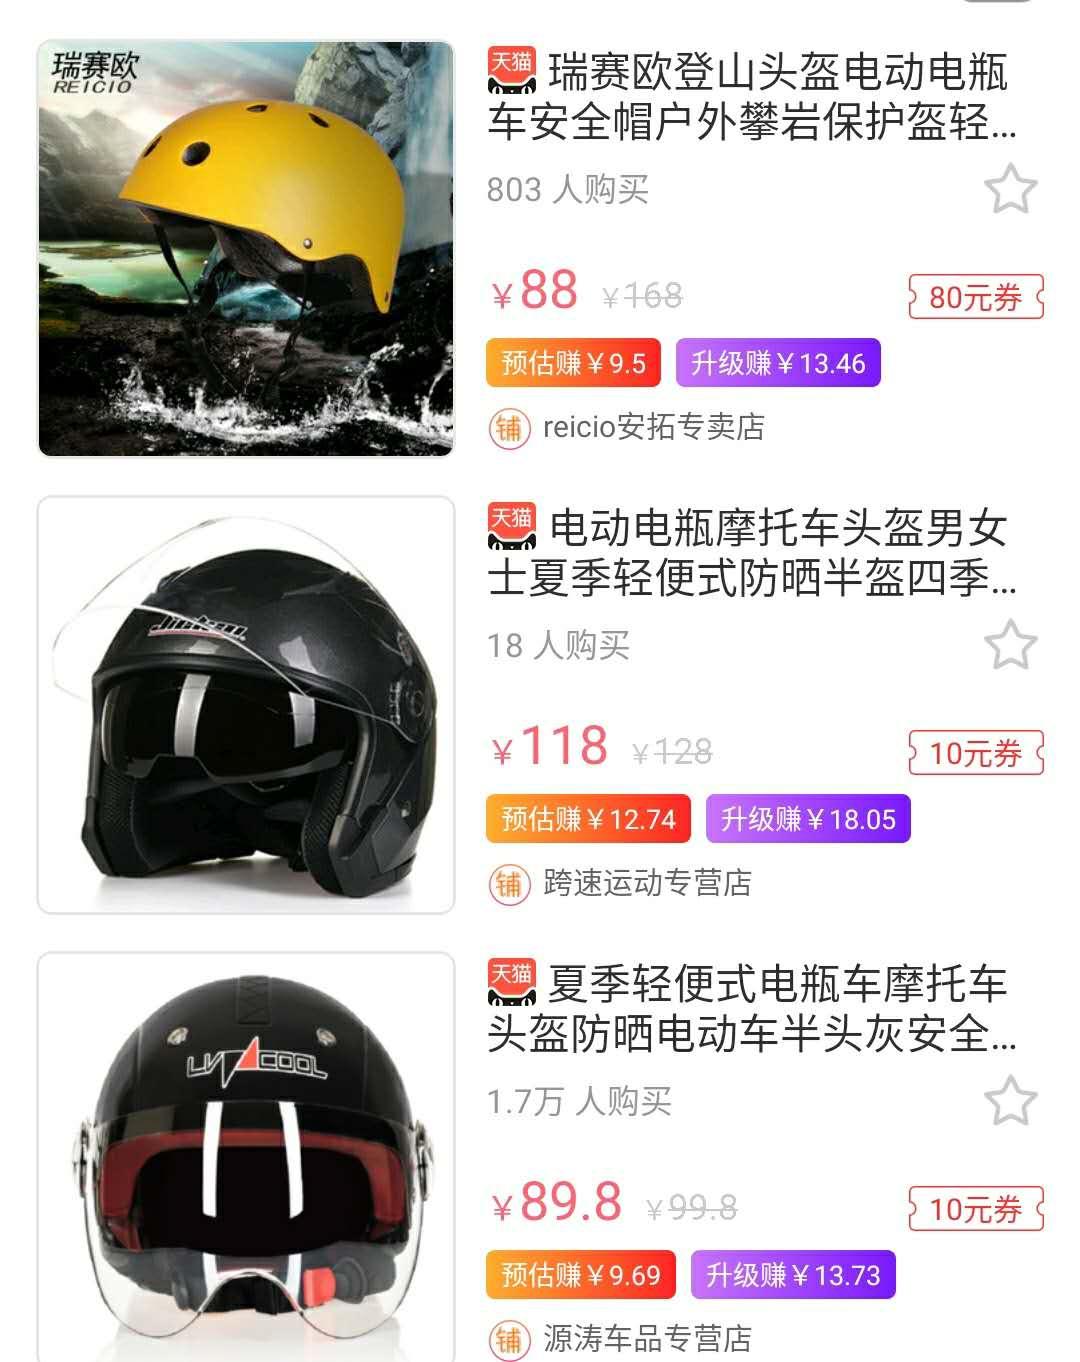 上个月屯口罩,这个月为什么头盔火了,哪里买电动车头盔便宜